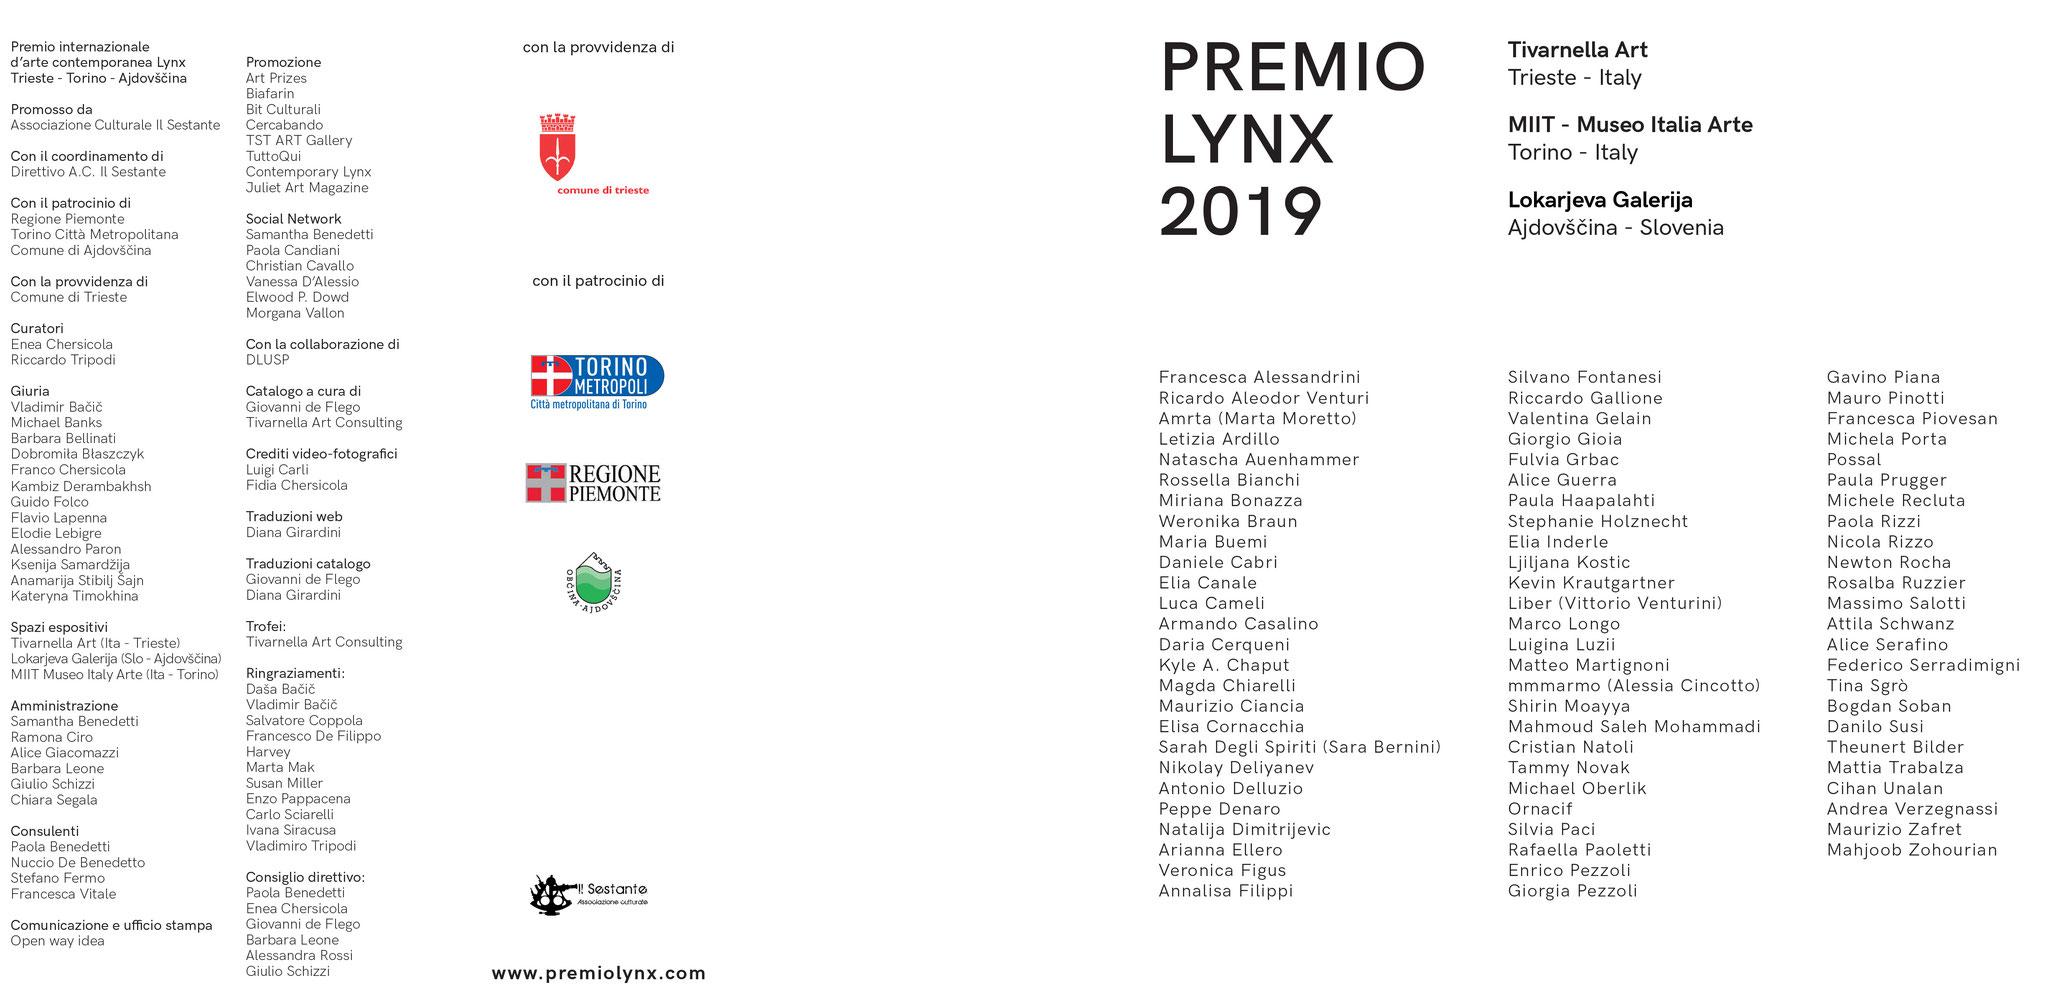 """Catalogo """"PREMIO LYNX 2019"""", LIFE - PERCORSO DI VITA. Trieste, Torino, Ajdovscina. © Luca Cameli Photographer"""